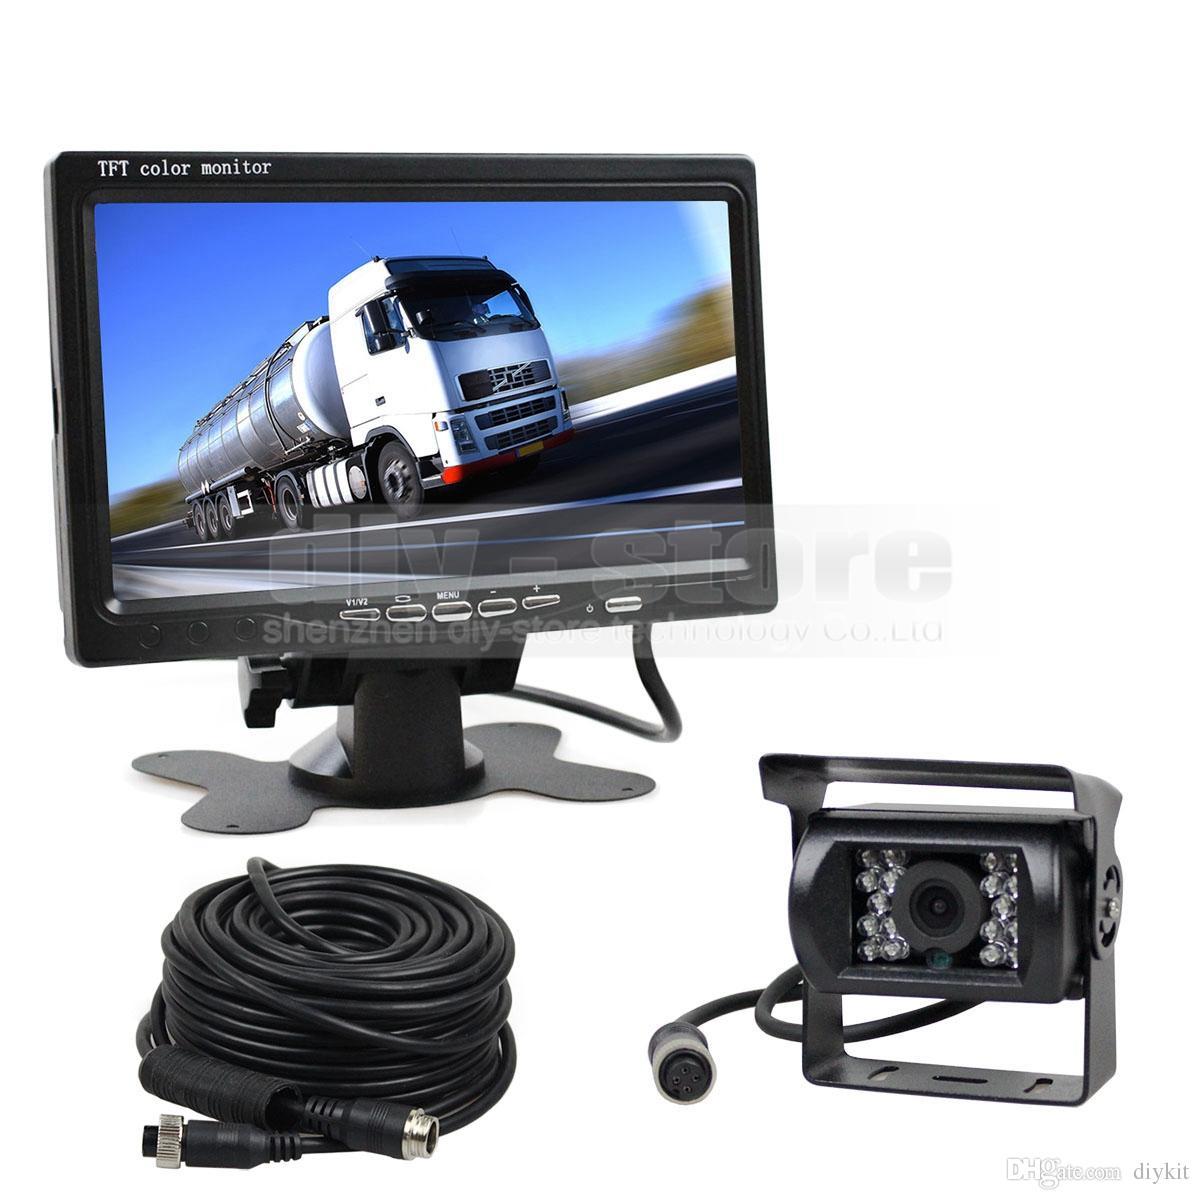 7 인치 TFT LCD 자동차 모니터 후면보기 모니터 + 버스 하우스 보트 트럭에 대 한 4pin IR 나이트 비전 HD 후면보기 카메라